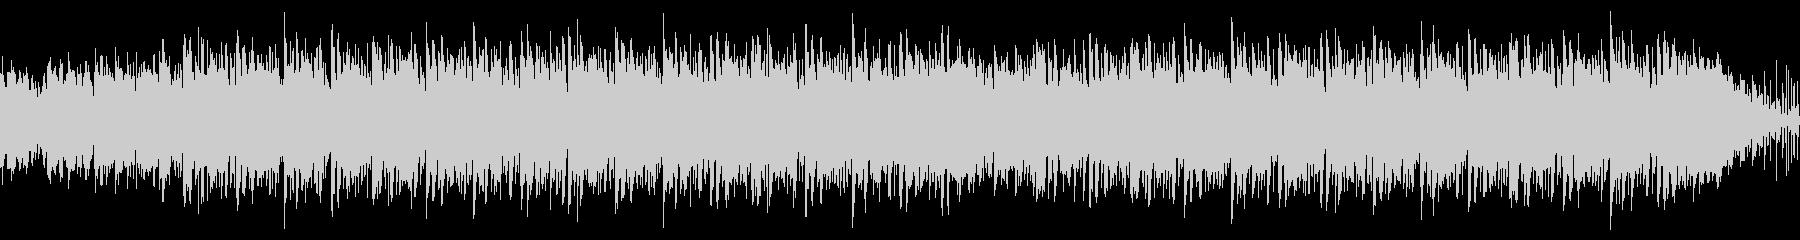 ウクレレと蝉の声の夏らしいループの未再生の波形